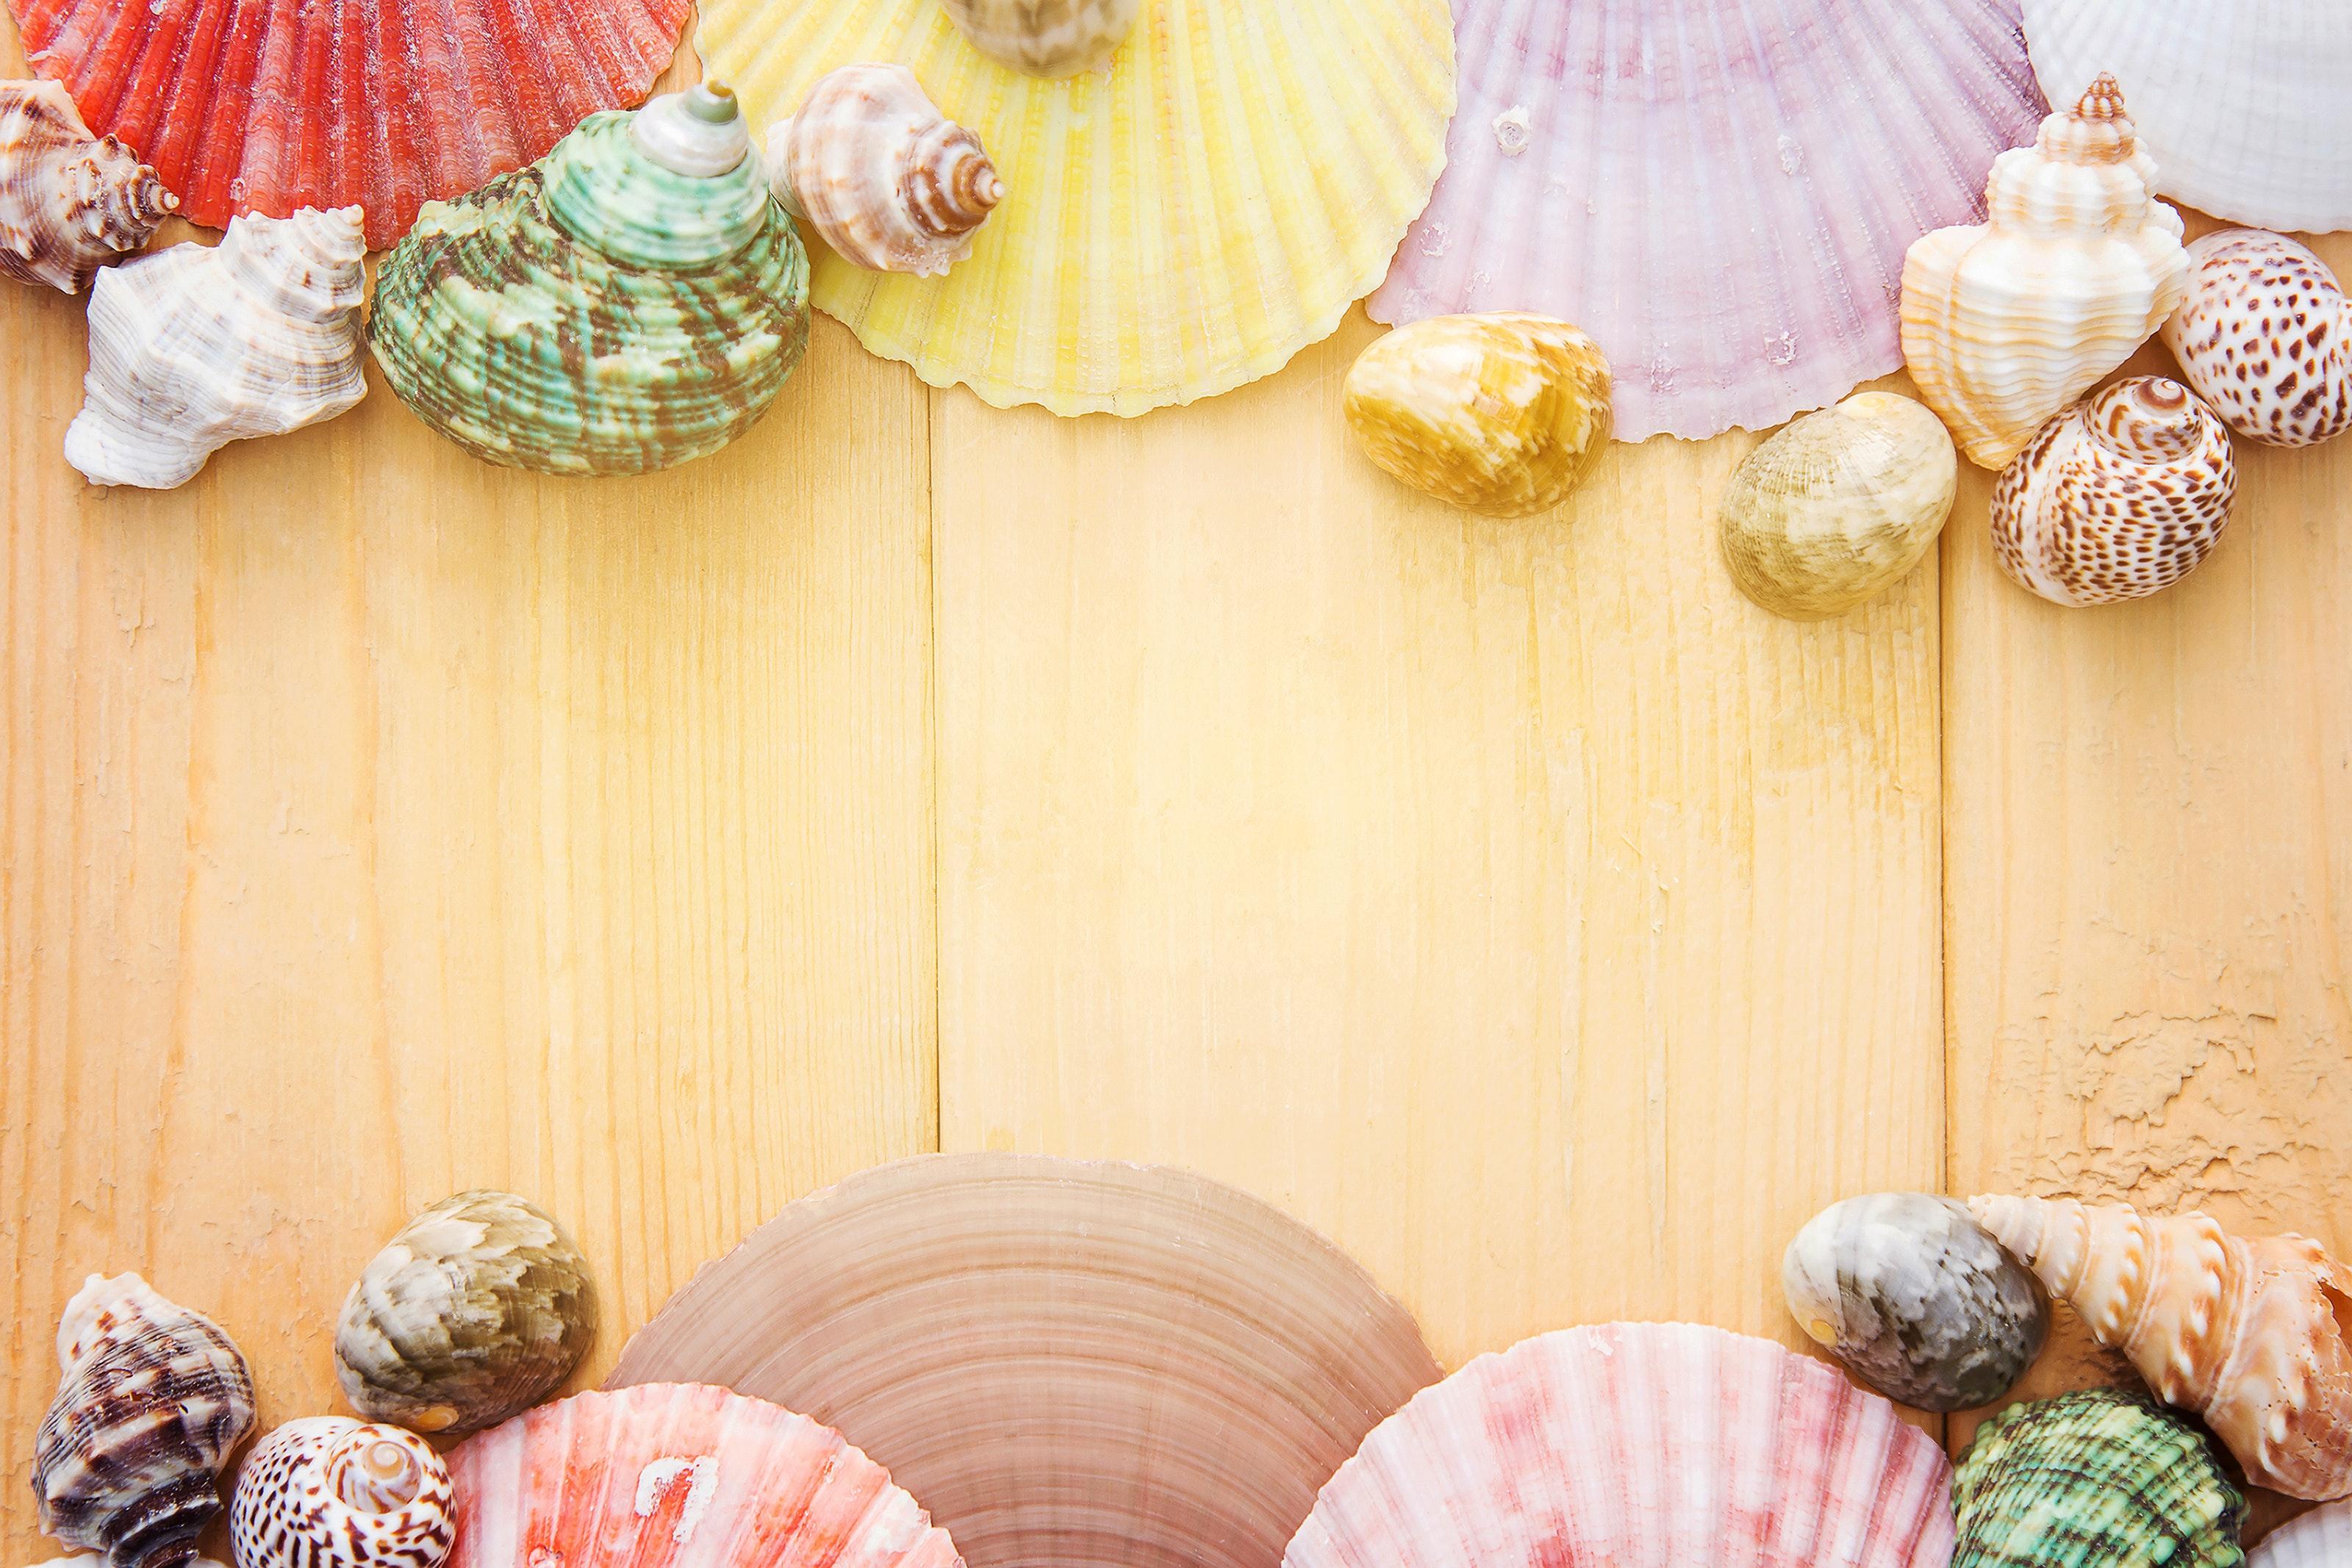 夢占い貝の夢の意味診断20選!種類や状態で異なる吉と凶